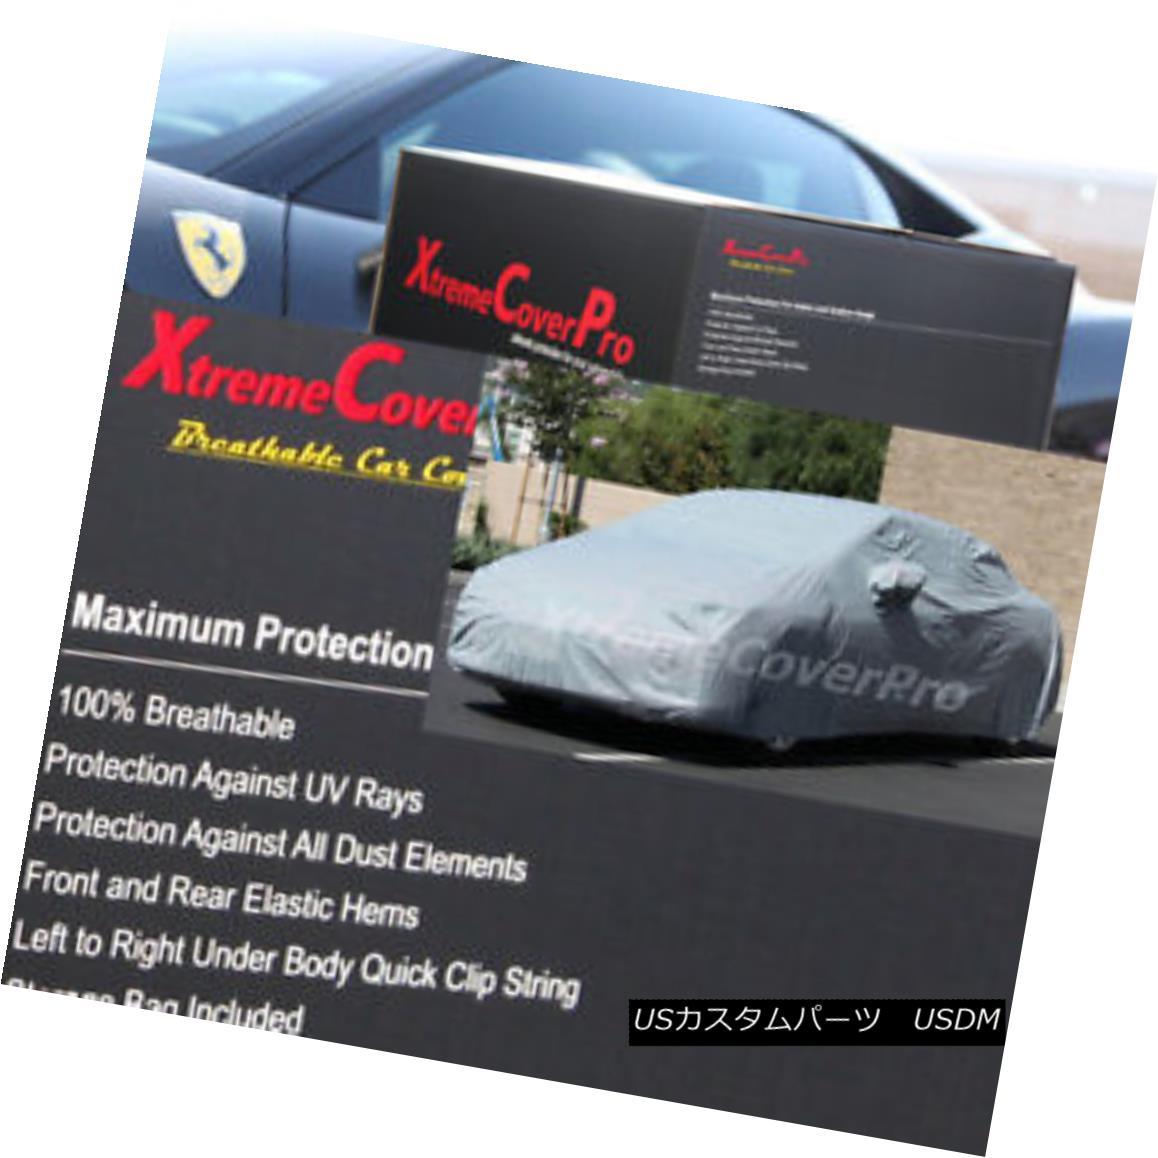 カーカバー 2007 2008 Toyota Yaris Liftback 3-door Breathable Car Cover w/MirrorPocket 2007年トヨタヤリスリフトバック3ドア通気性カーカバー付き(MirrorPocket)